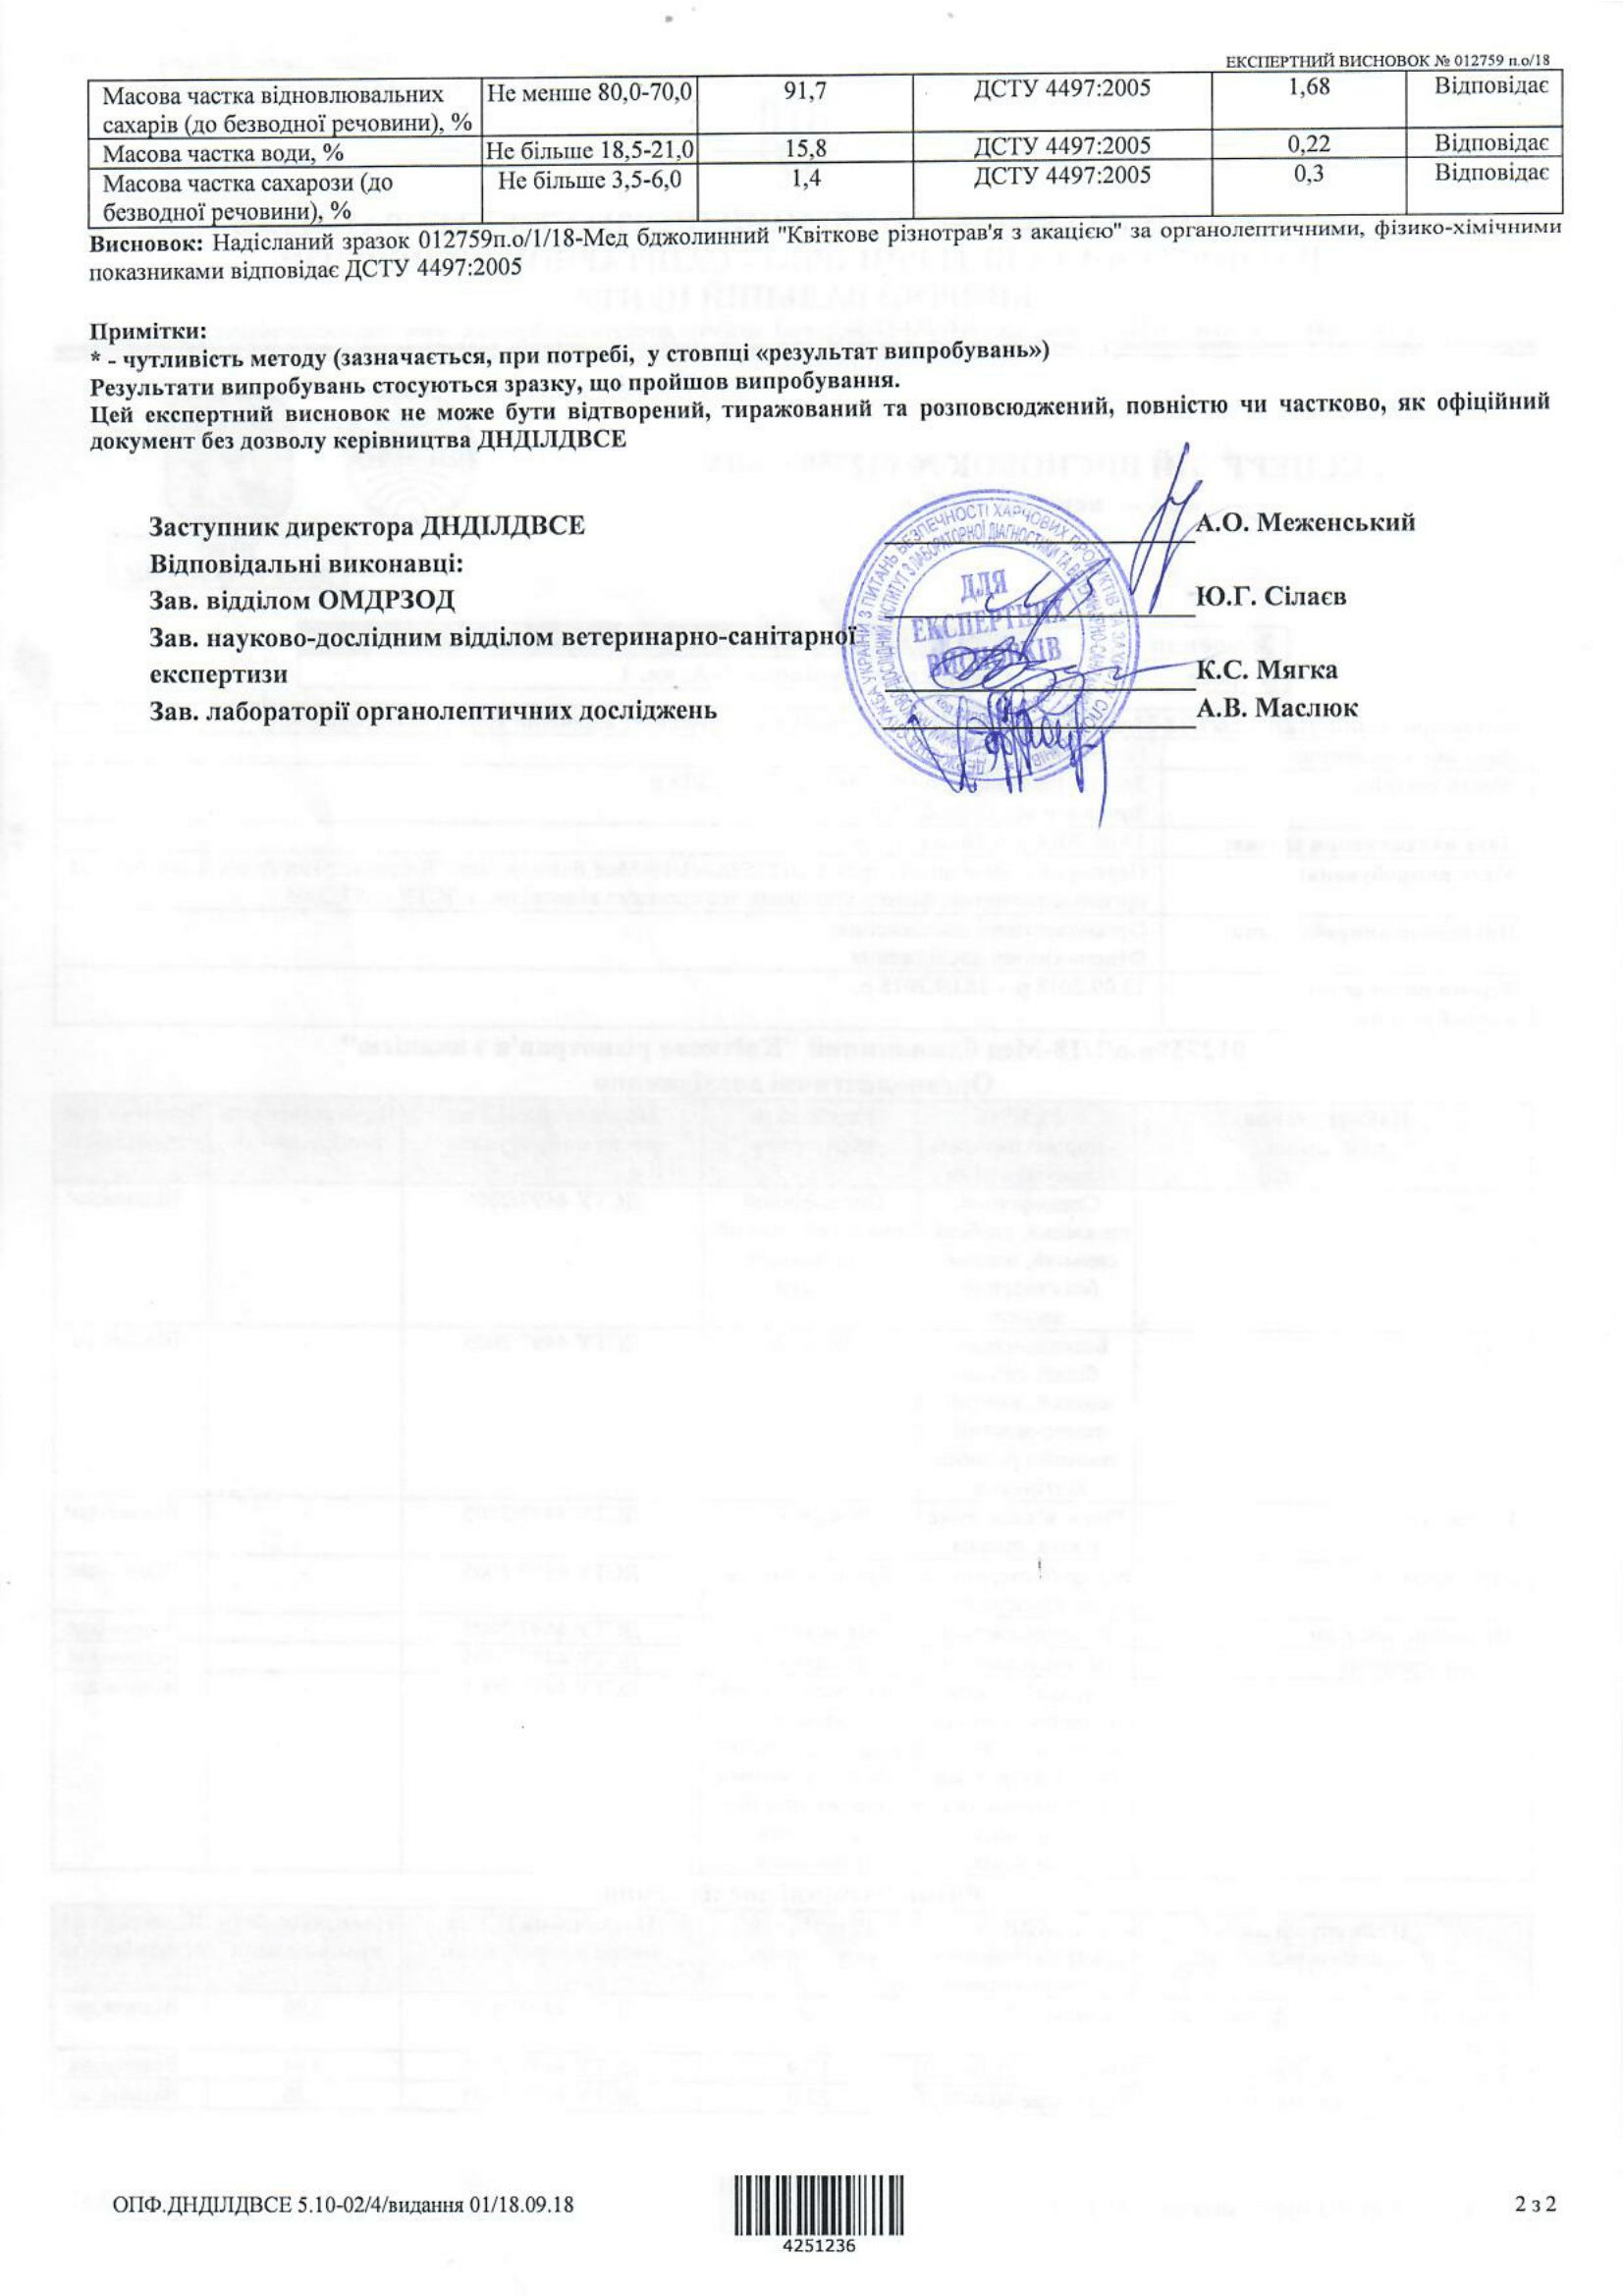 Експертний висновок на мед Квіткове різнотравя з акацією-2-1653x2339